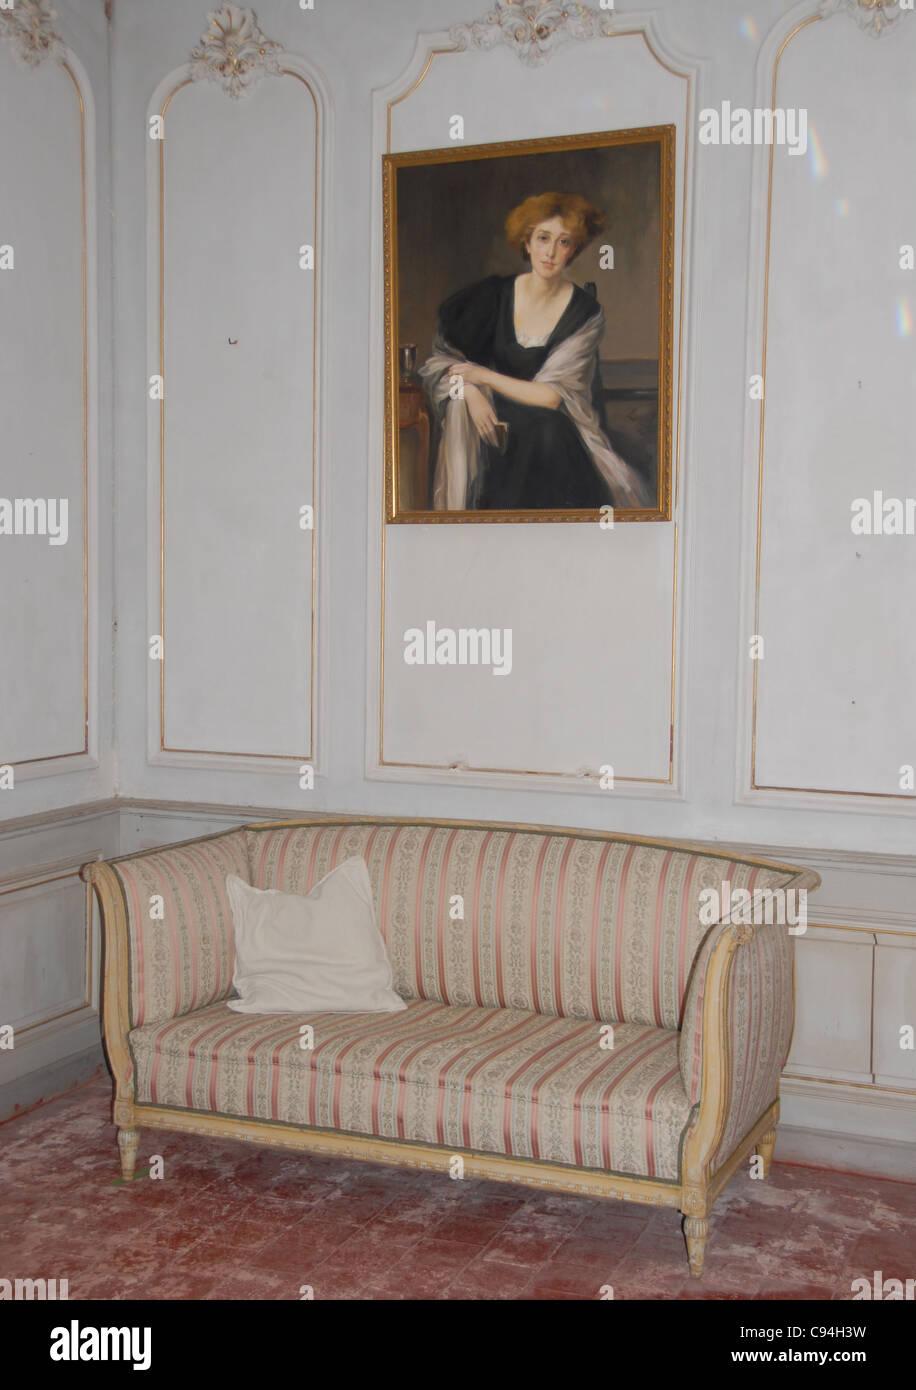 Salon De The Paul Stockfotos & Salon De The Paul Bilder - Alamy